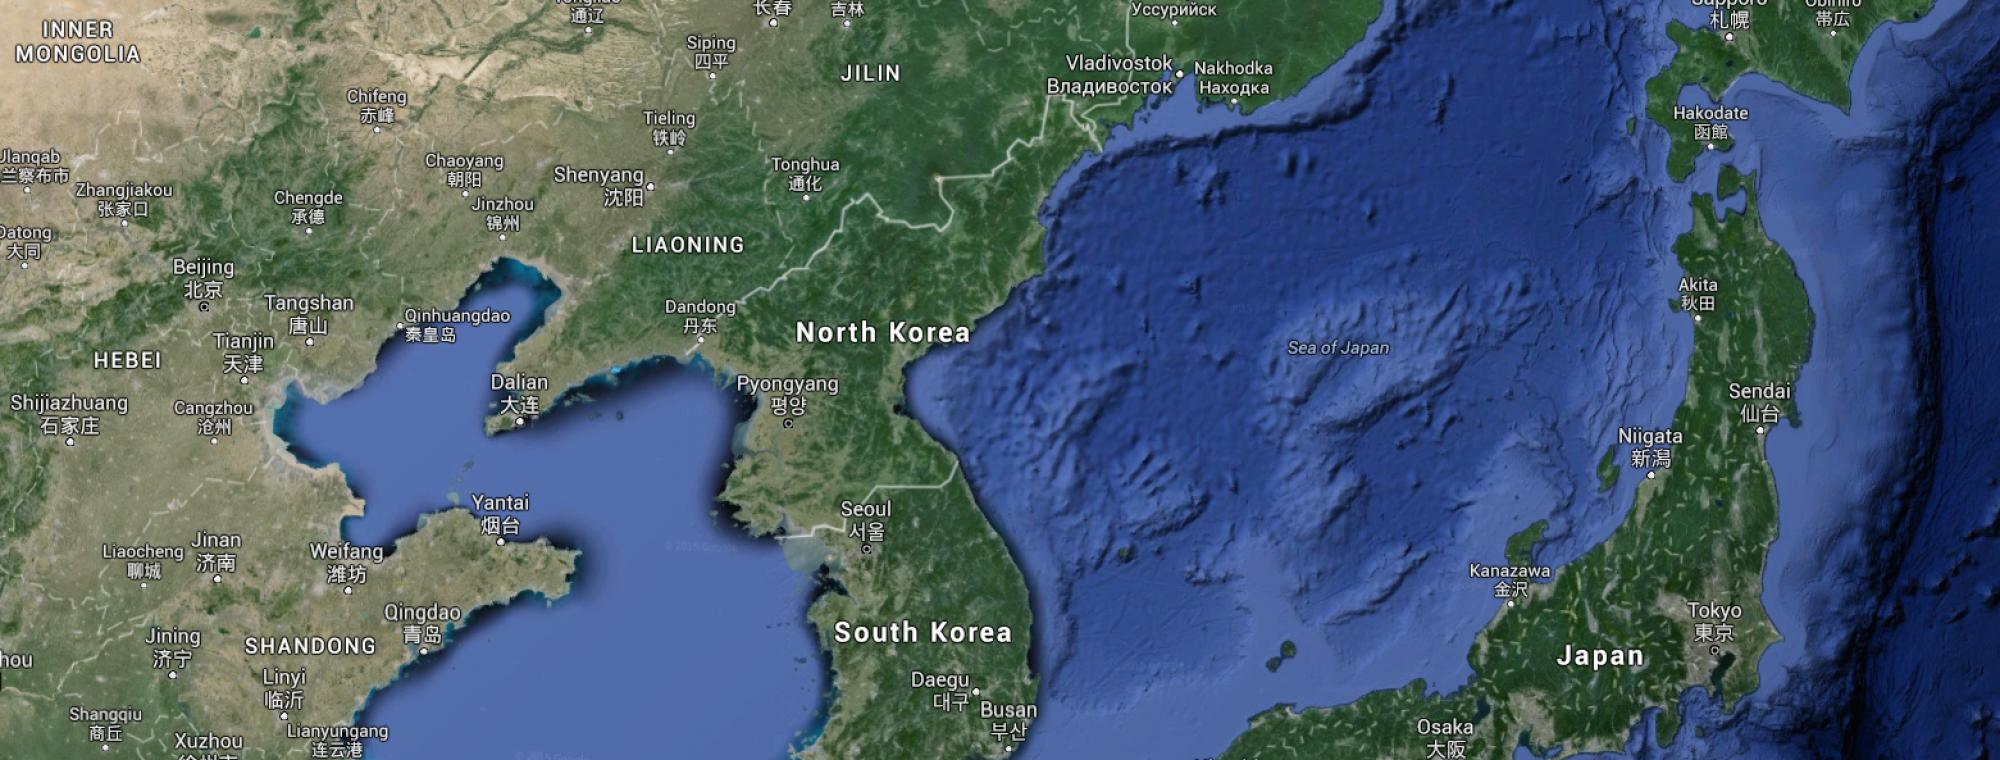 North Korea and environs